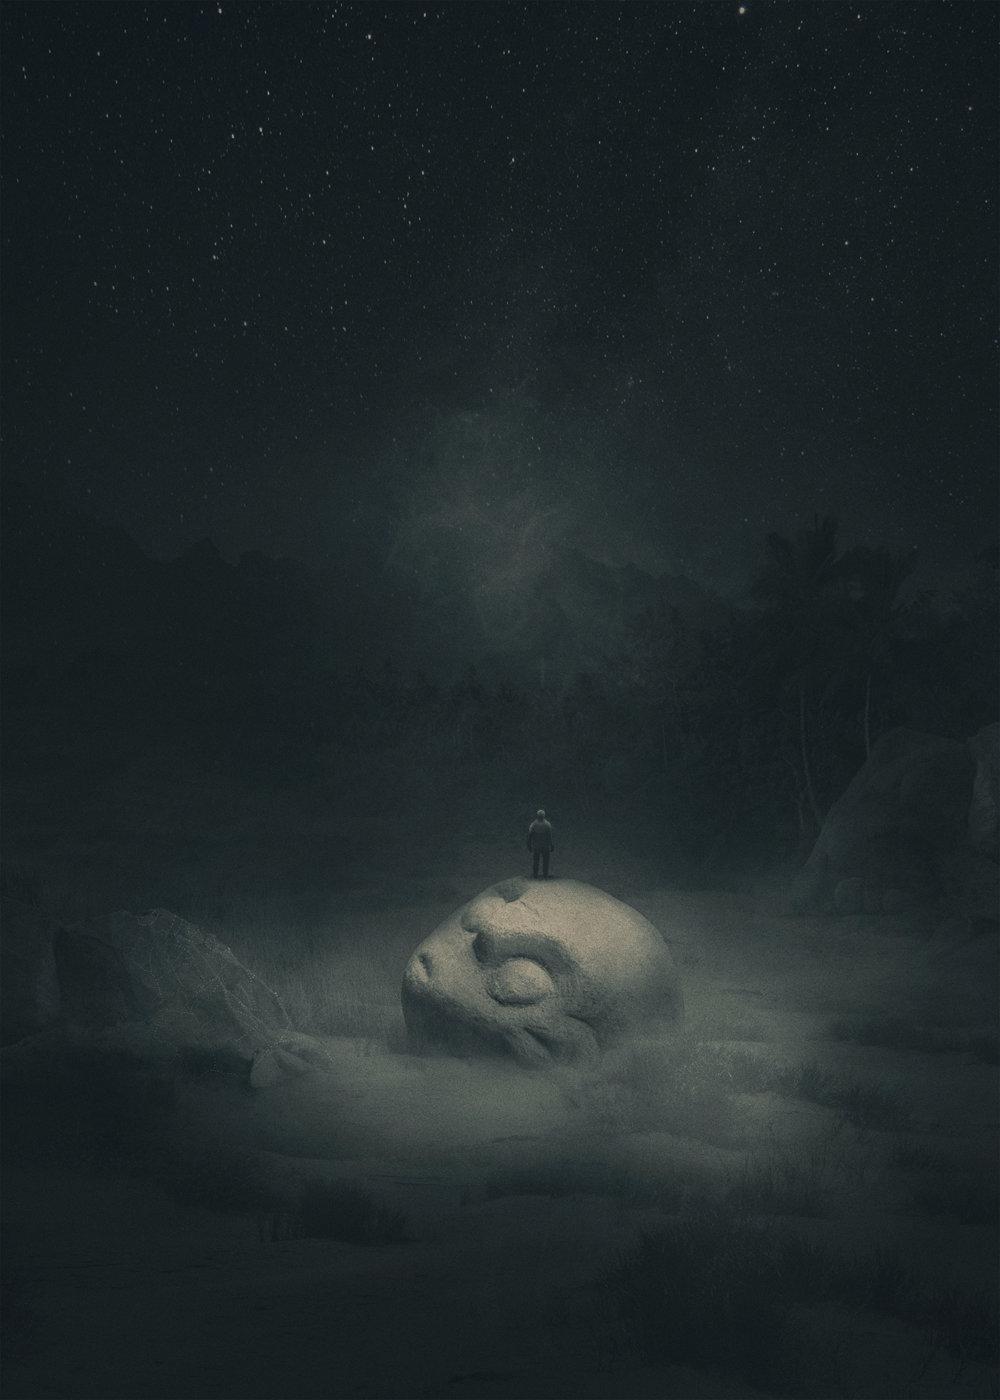 Fabulous Illustrations Of Mystic Beings In Gloomy Scenarios By Dawid Planeta 3